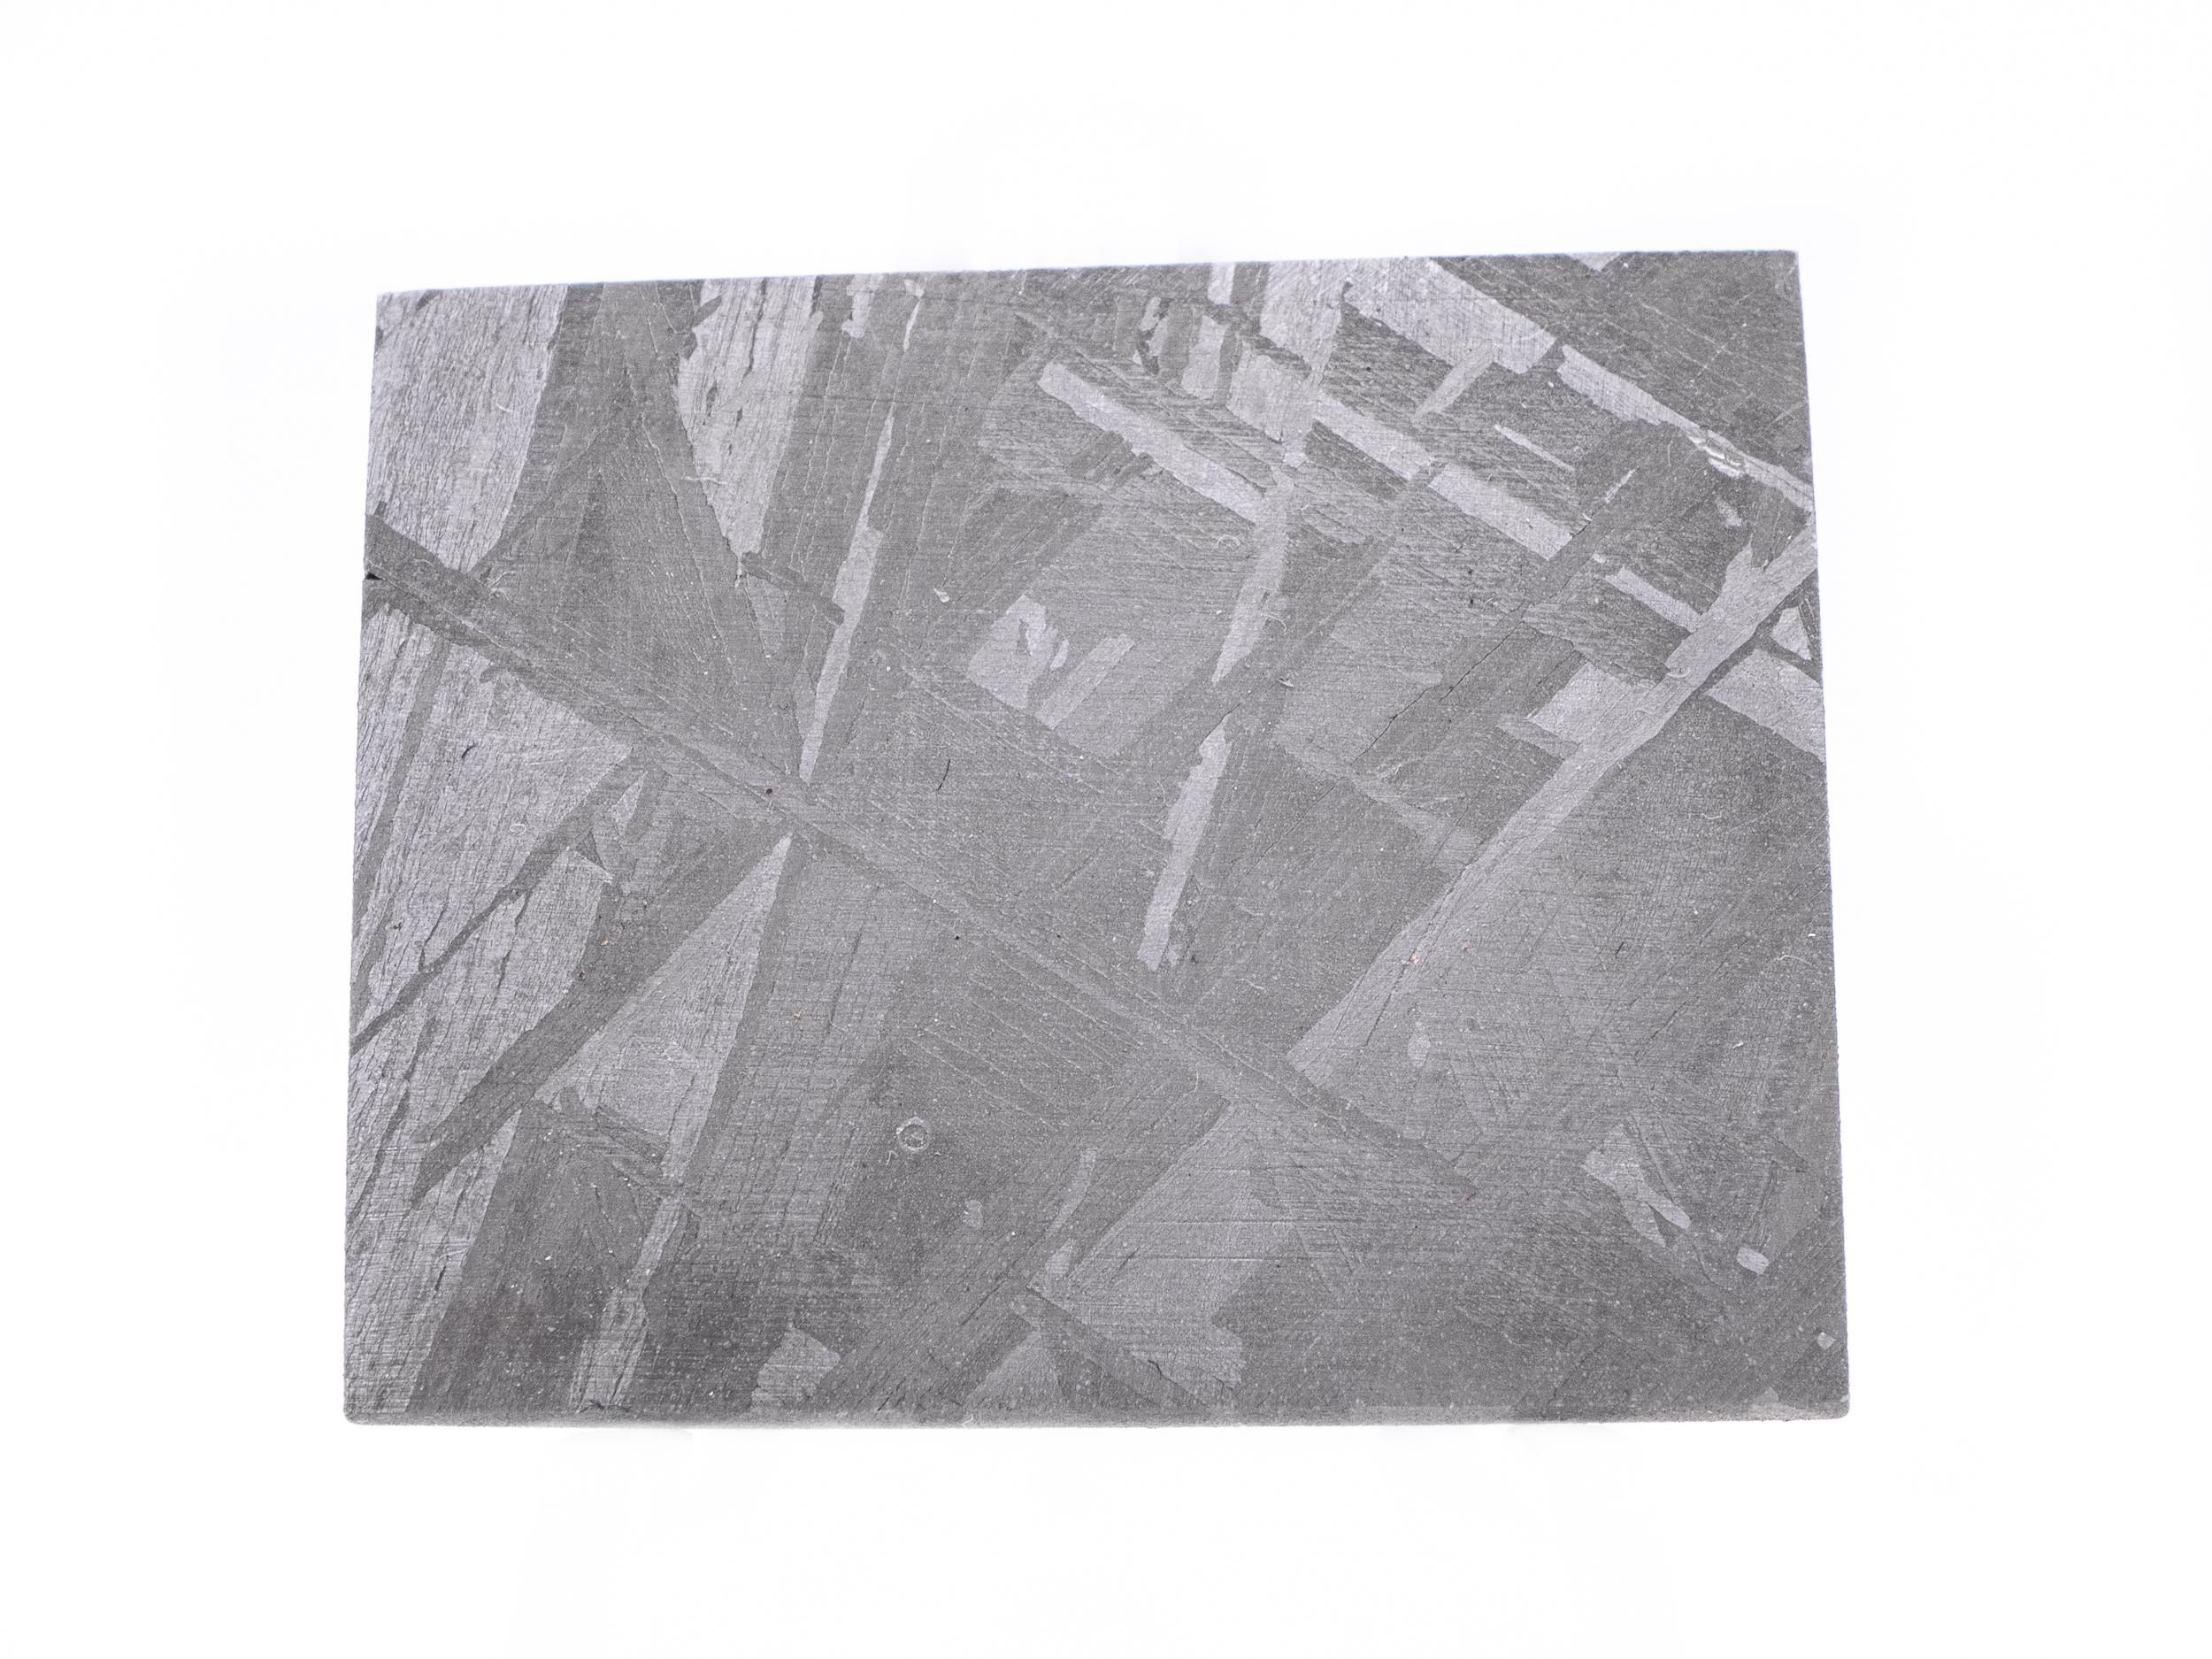 muonionalusta iron meteorite 18g